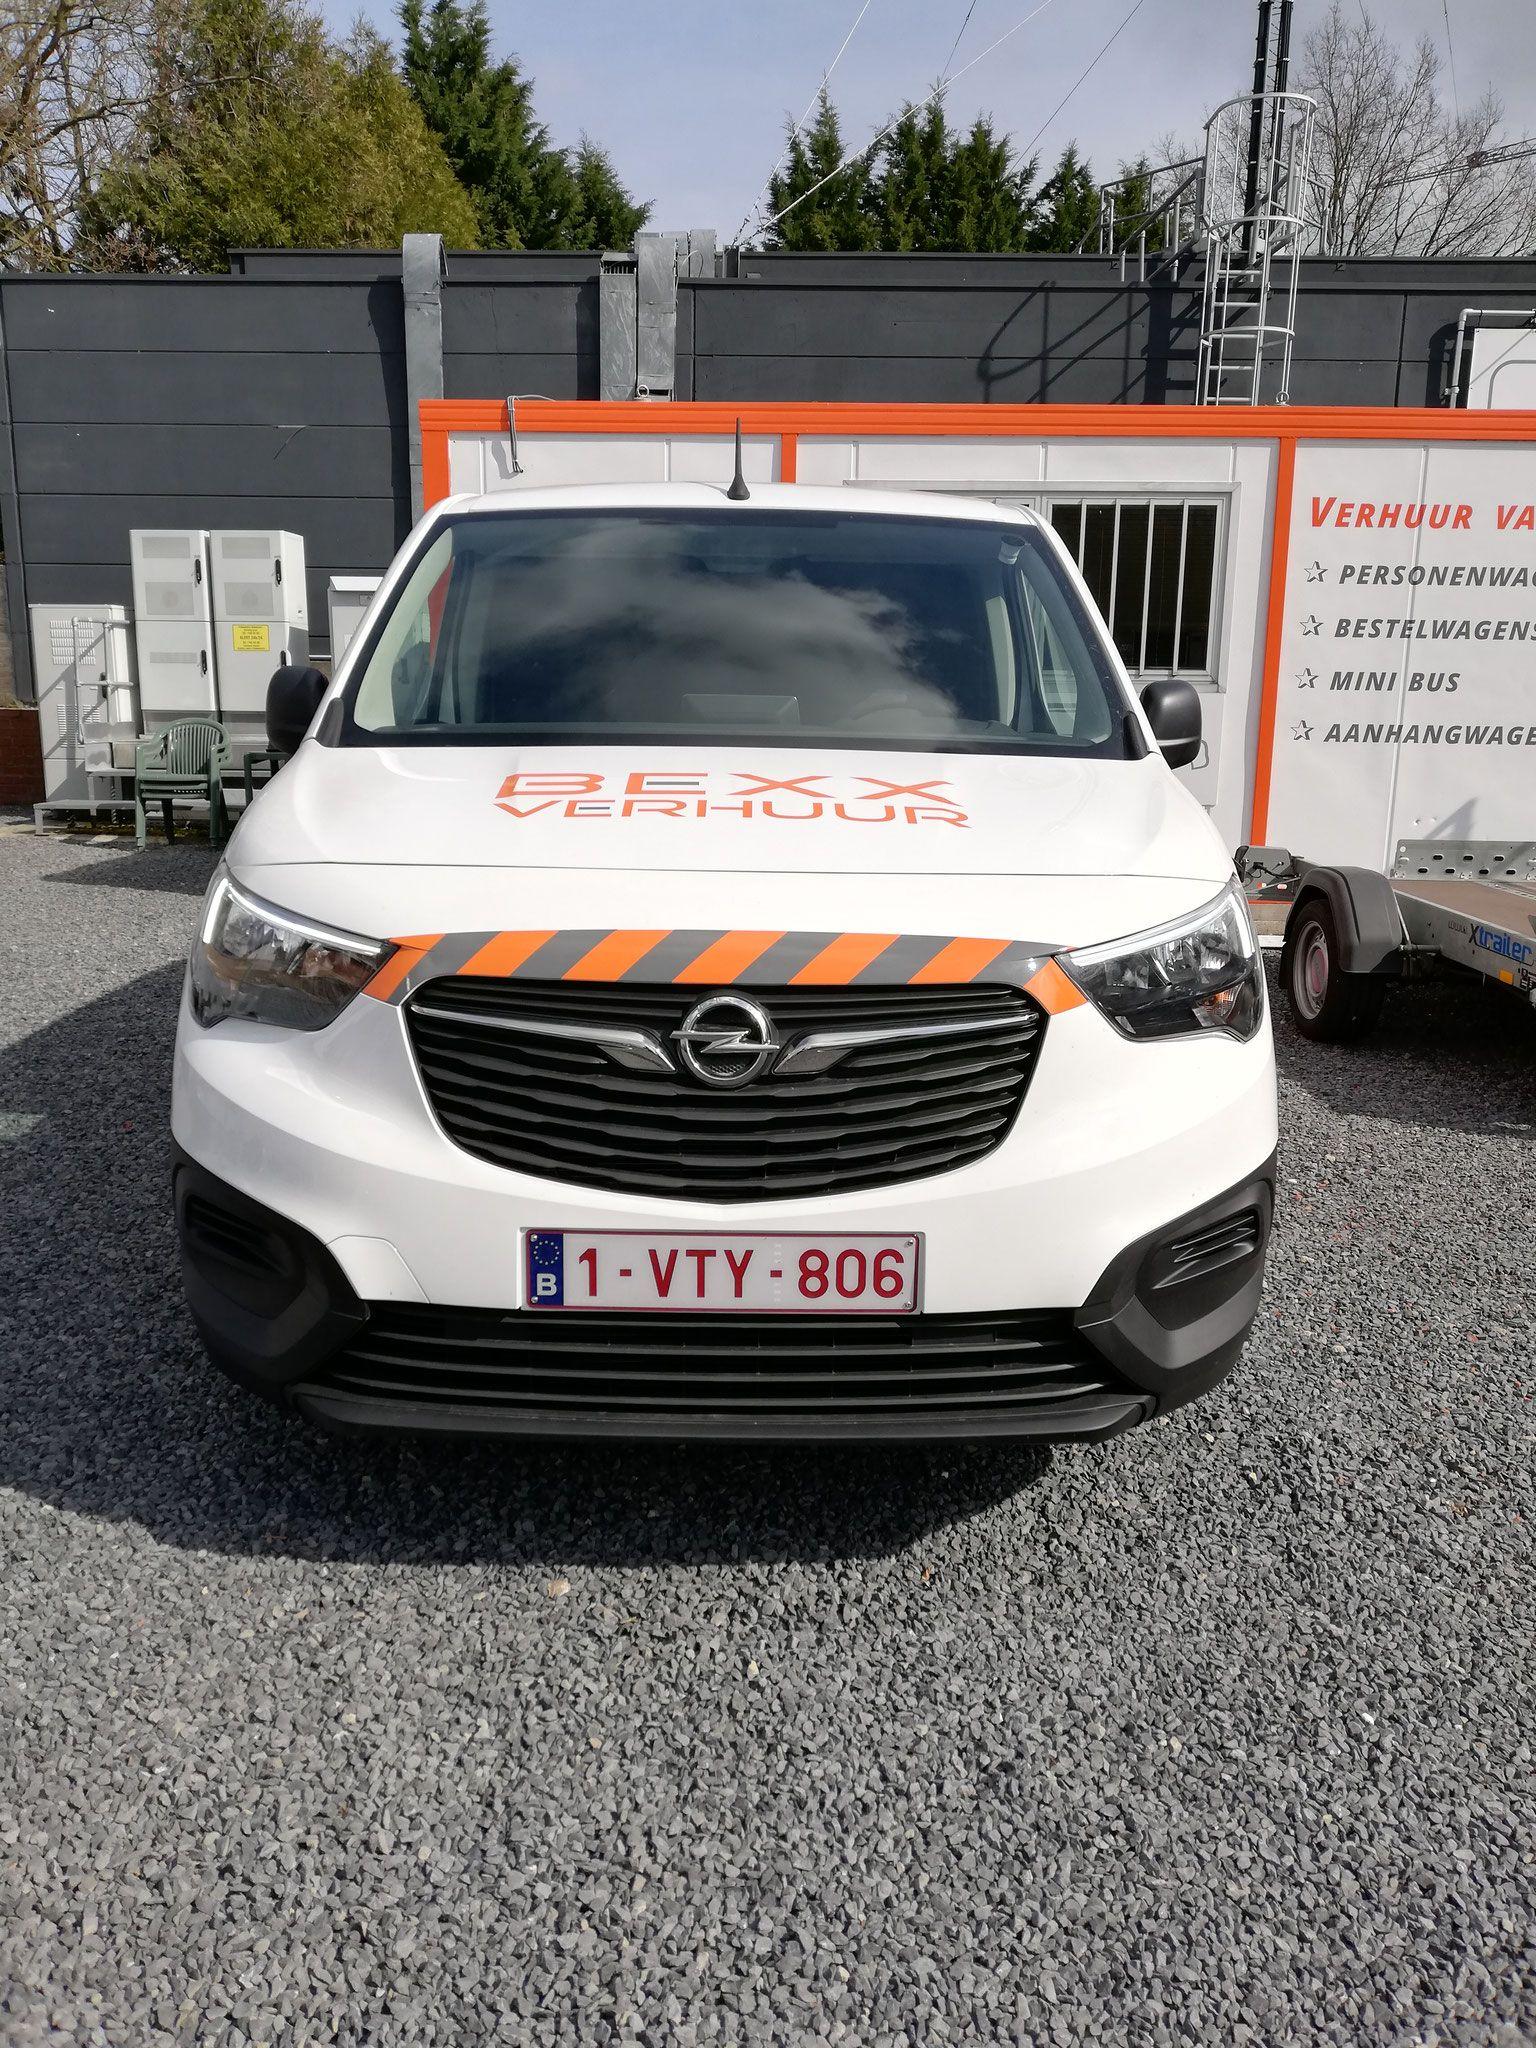 Opel Combo -image (9).jpg